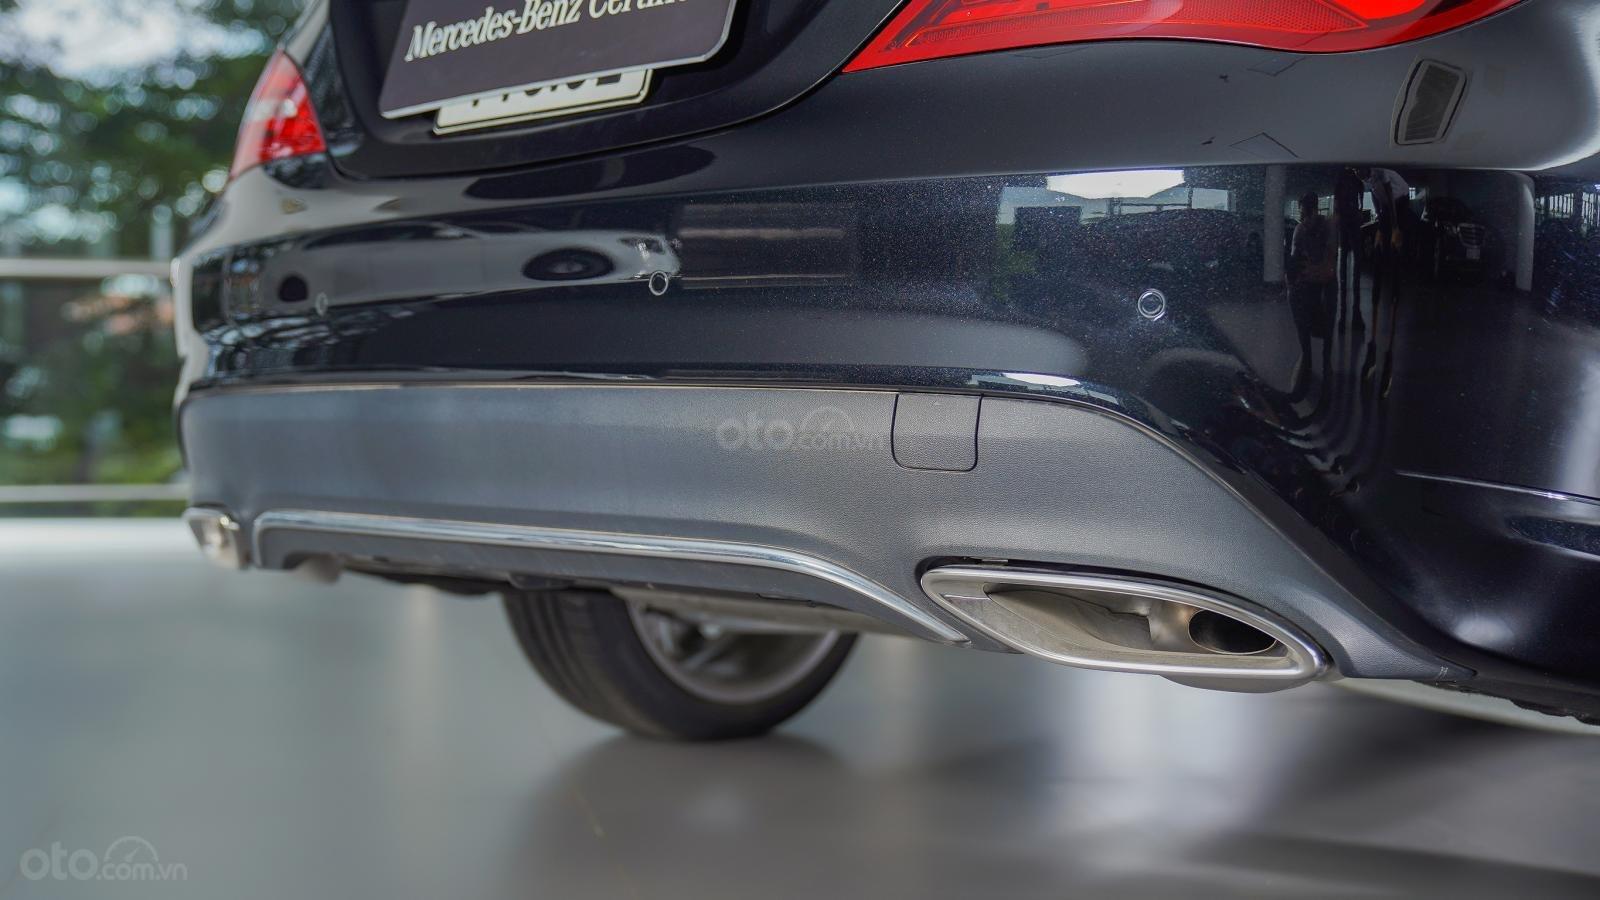 Bán Mercedes CLA 200 2017 cũ nhập khẩu, gía 1.459 tỷ, giảm 319 triệu (6)